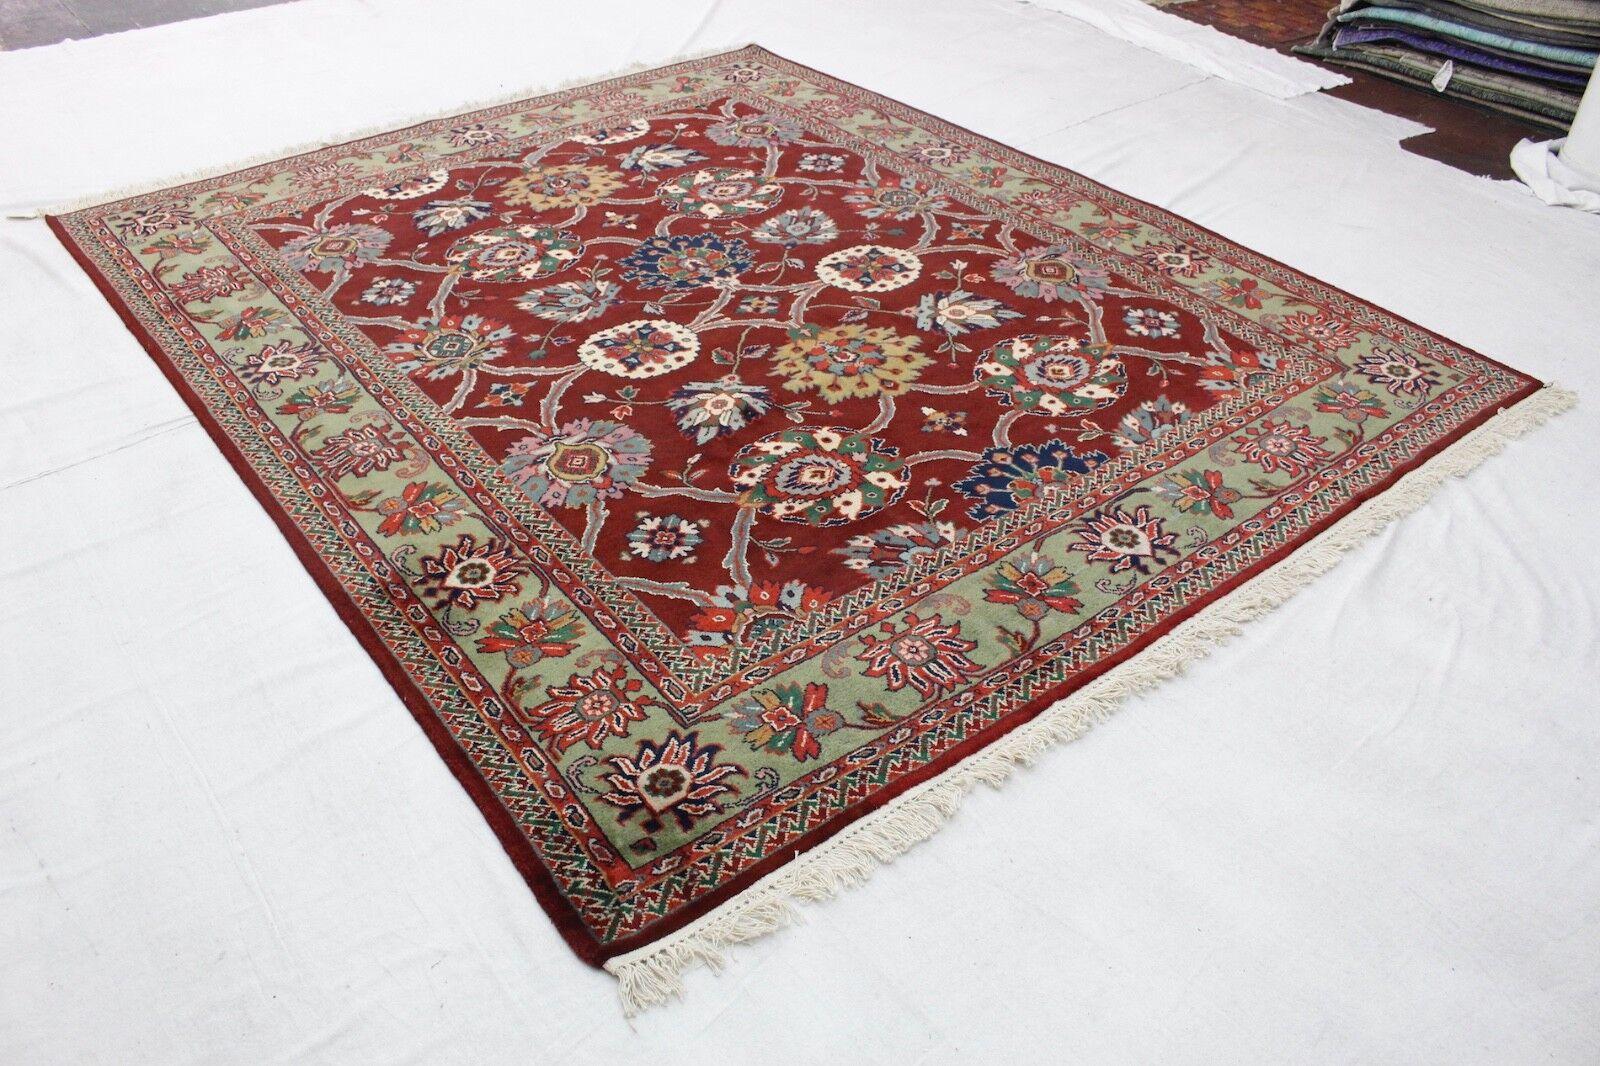 Magazzino Magazzino Magazzino vendita Tappeto Orientale India Serapi decorativo 280x250 mano intessuti na17478 ffa4d8